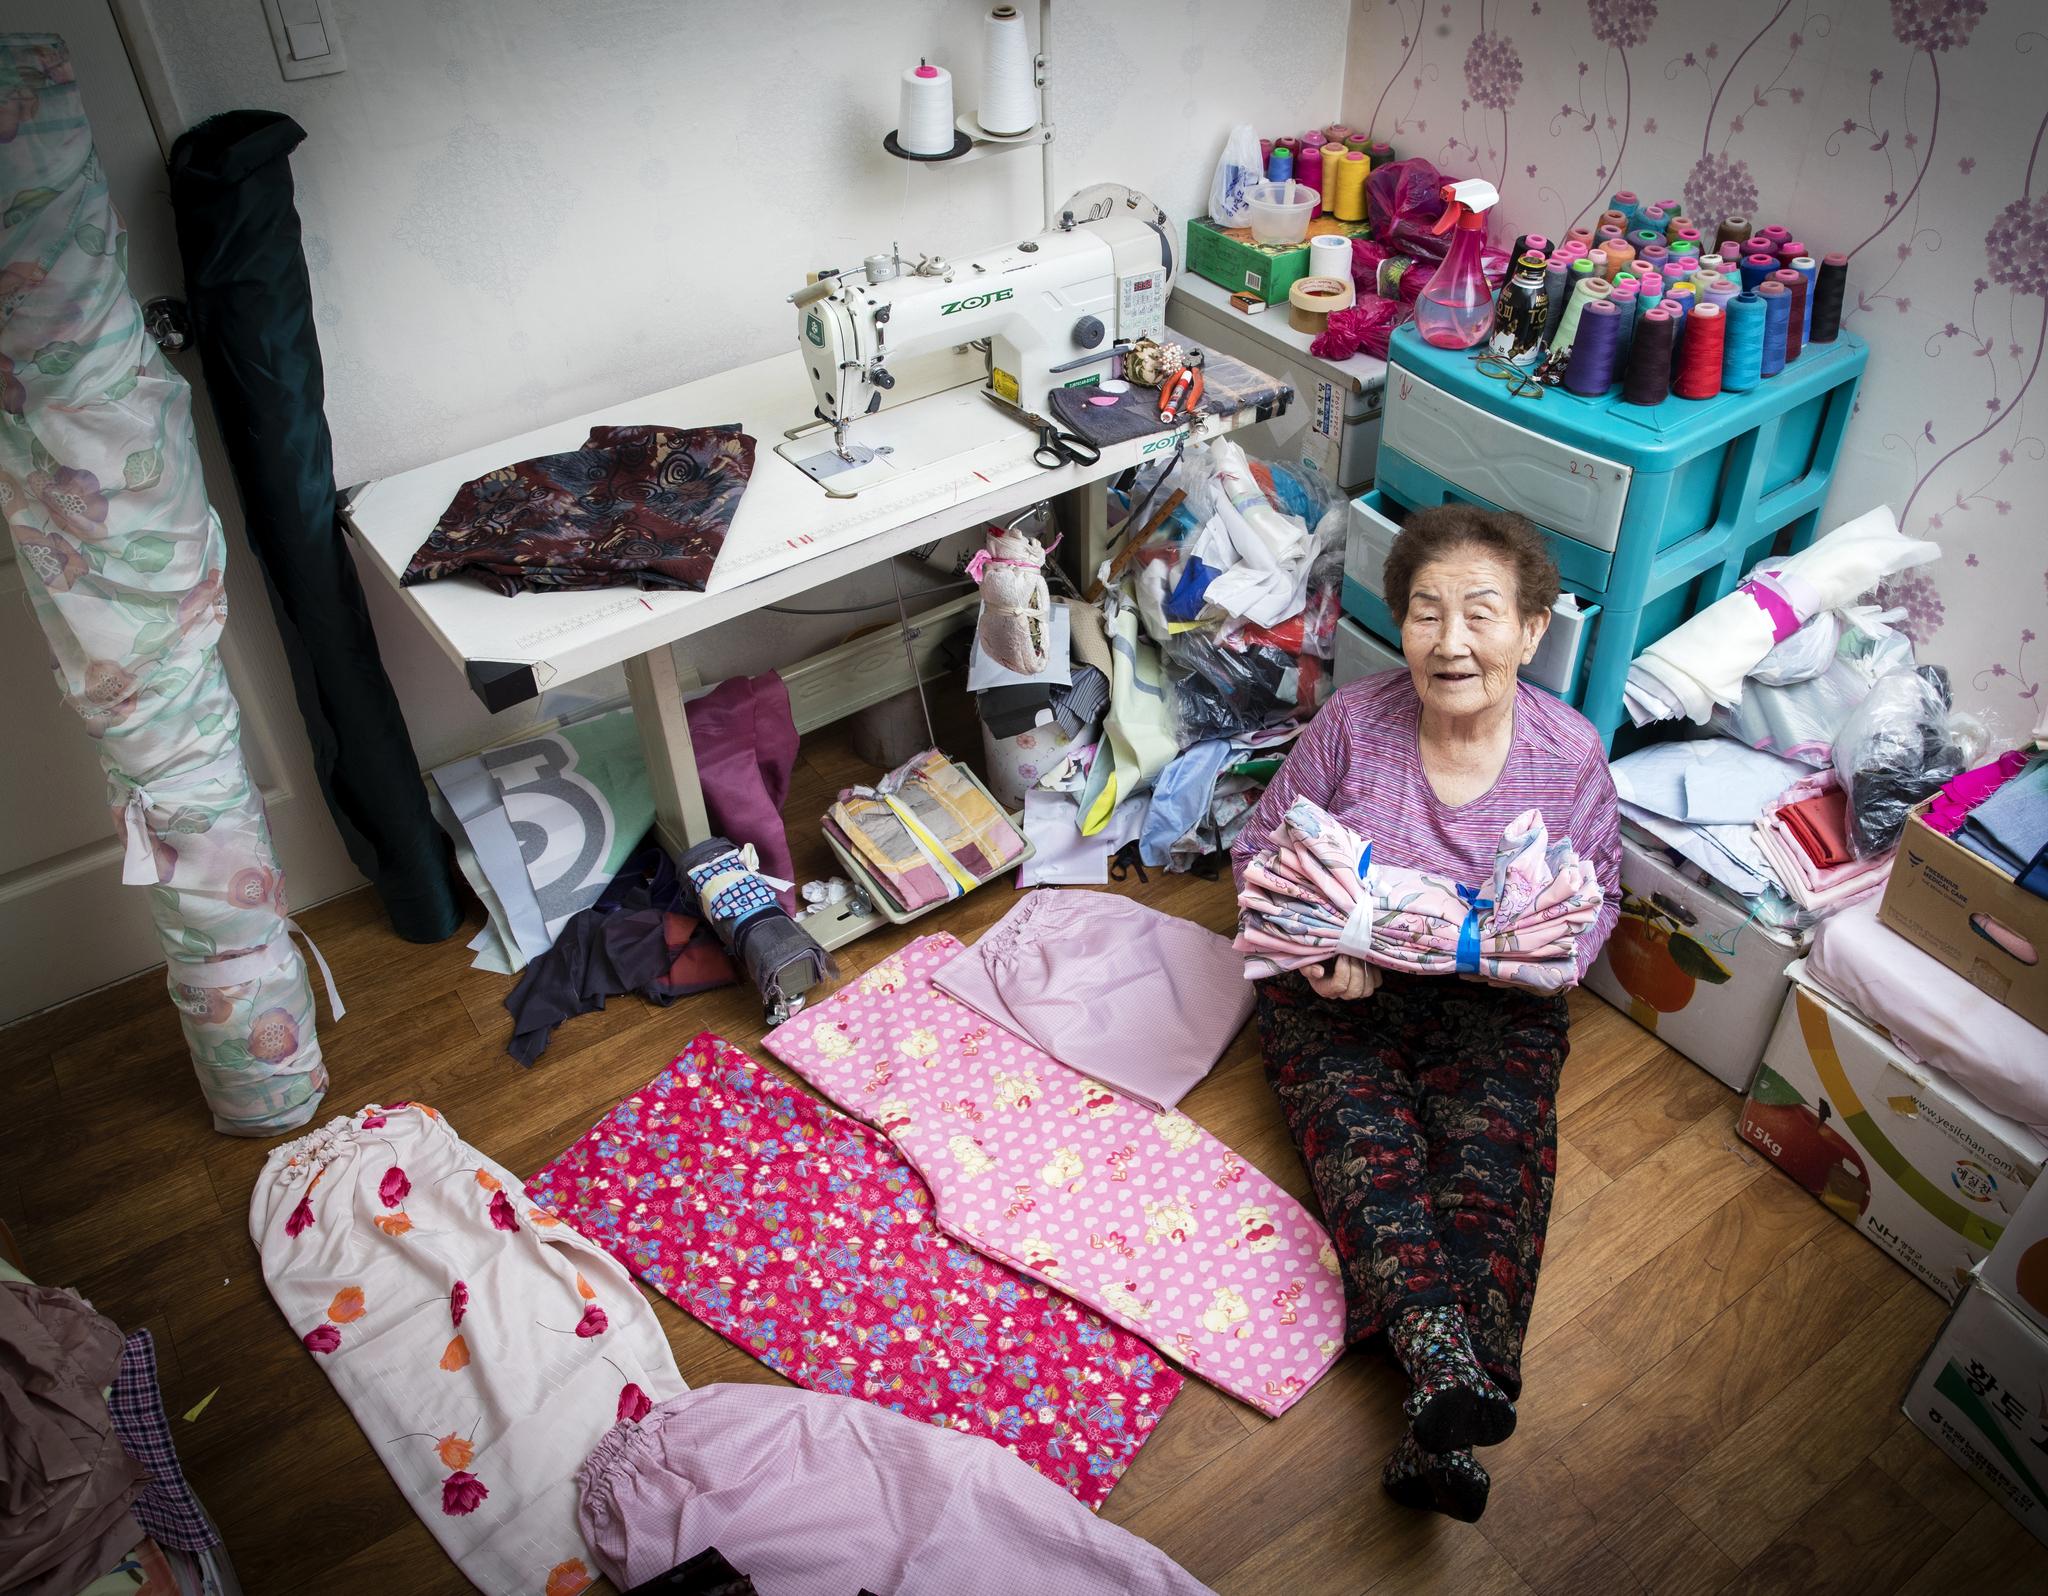 서두연 할머니는 열일곱에 일본에서 경남 마산으로 시집와서 힘든 시절을 지냈다. 스물네살부터 농촌지도소 활동을 통해 봉사활동을 시작했고 이후 재봉틀로 옷 만드는것을 배워 나눔을 이어갔다. 서 할머니는 한 해에 약 1500벌의 몸빼바지를 만들어 시설 등에 기부하고 있다. 서 할머니가 집이자 작업실에서 직접 만든 몸빼바지와 함께 포즈를 취하고 있다. 장진영 기자